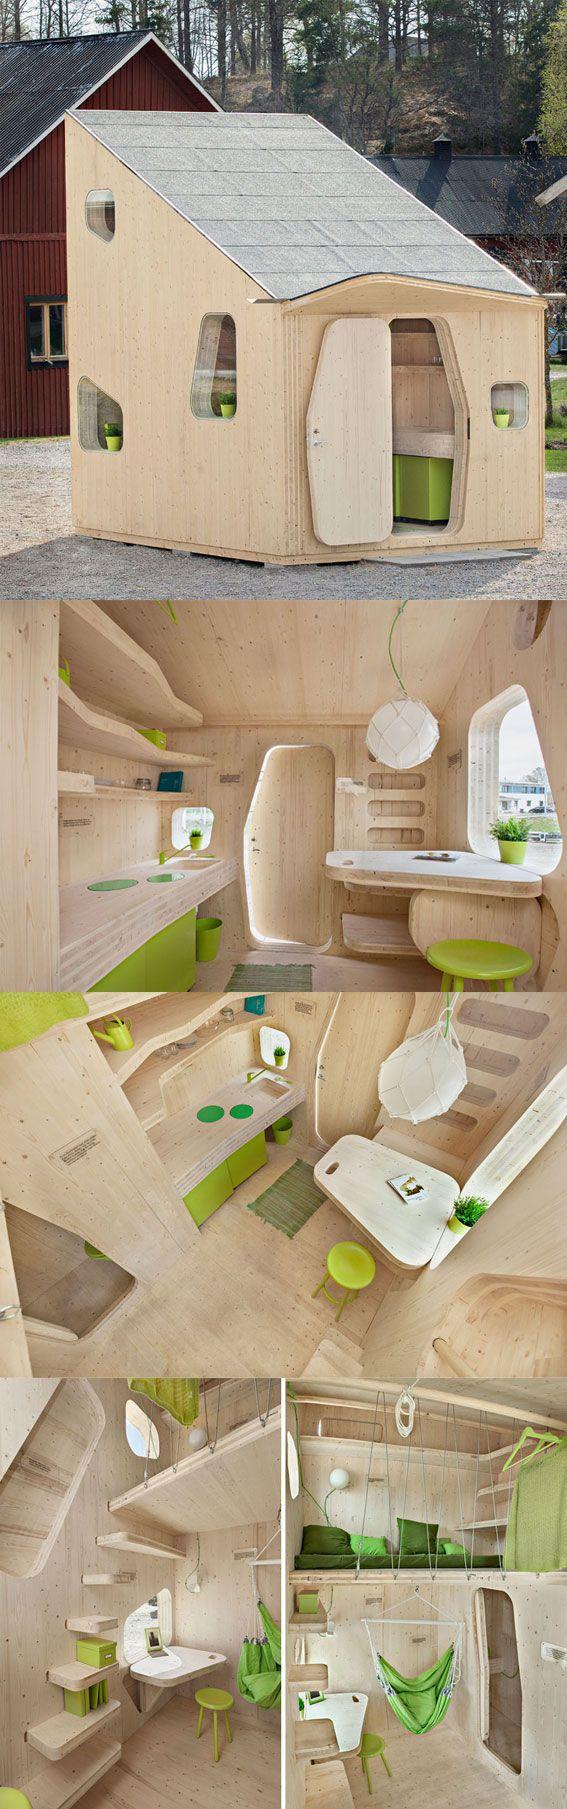 Smart Student Unit , maison d'étudiant individuelle totalement équipée. Par le studio Tengbom Architects en collaboration avec Martinsons et AF Bostäder